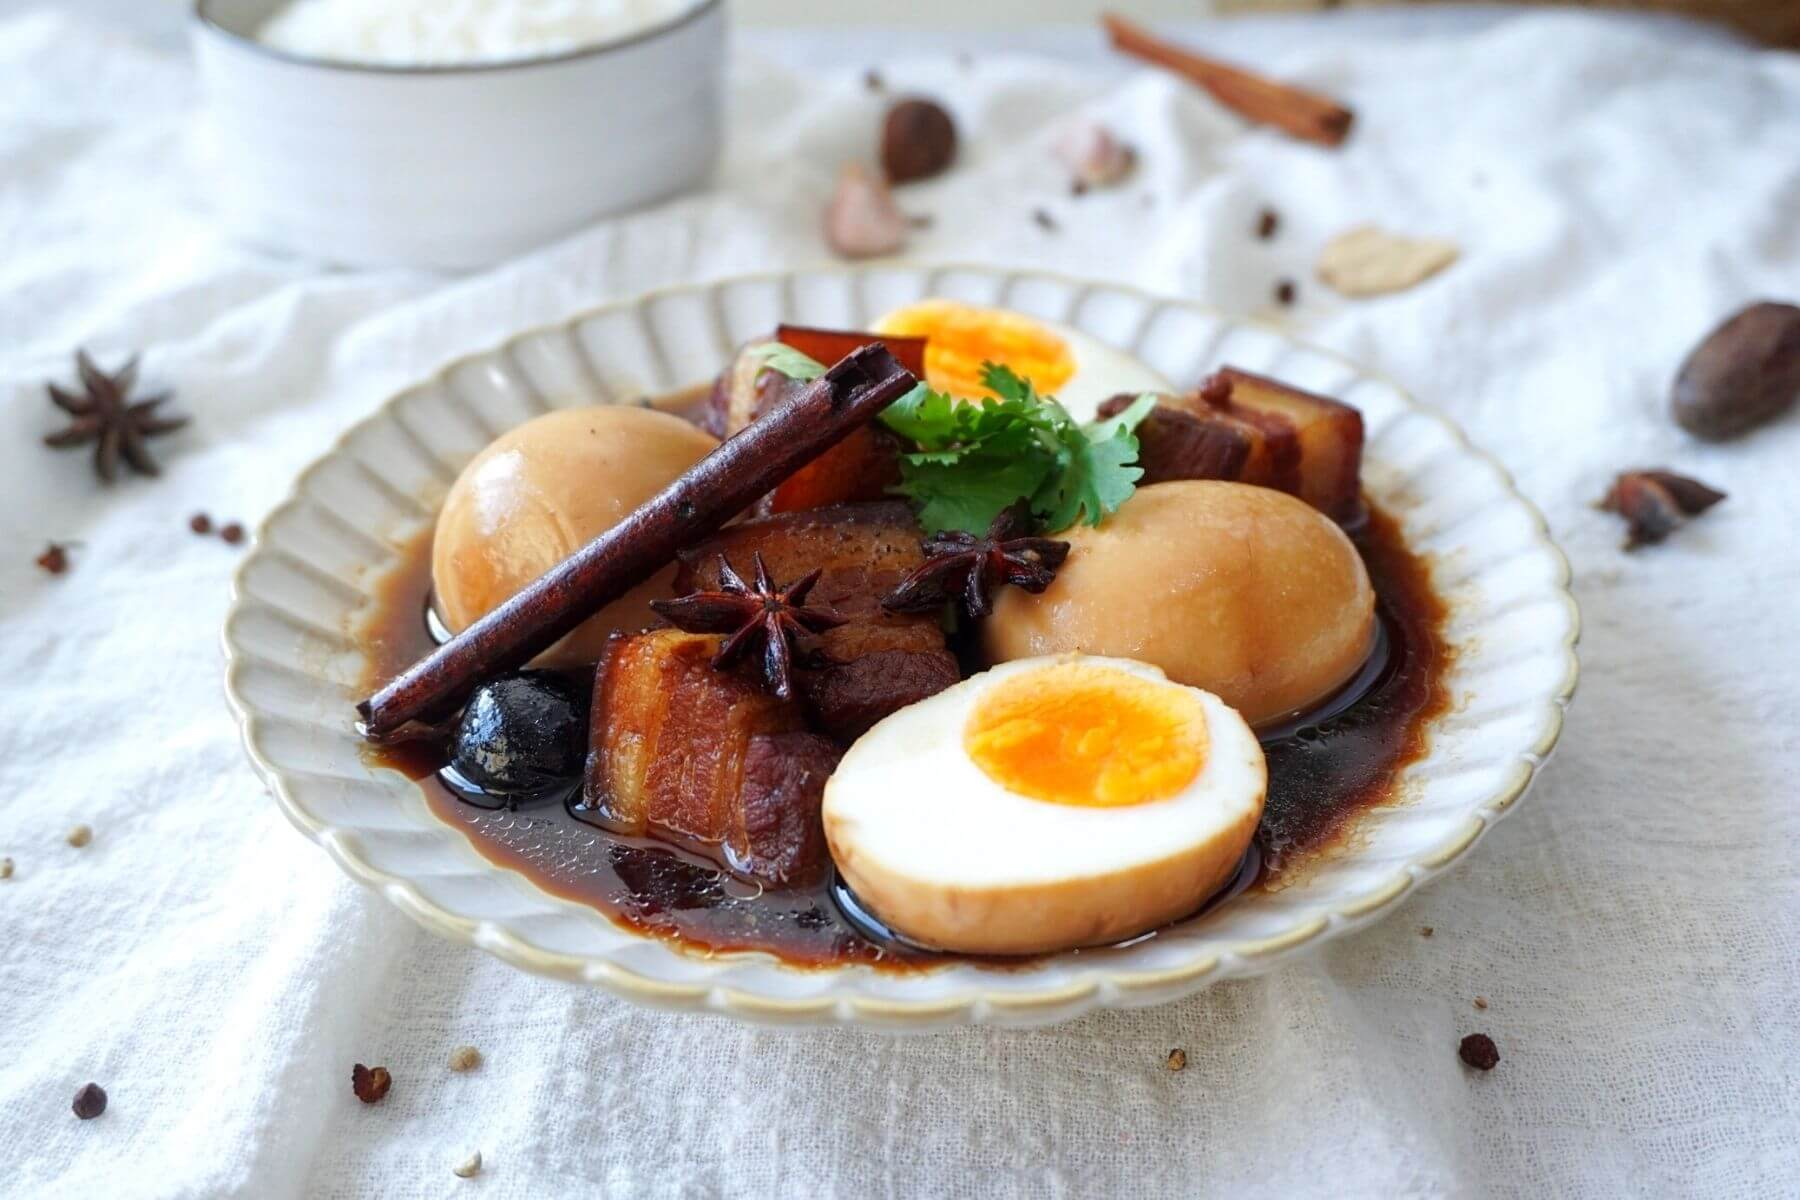 วิธีทำไข่พะโล้ ไม่ใช้ ผงพะโล้